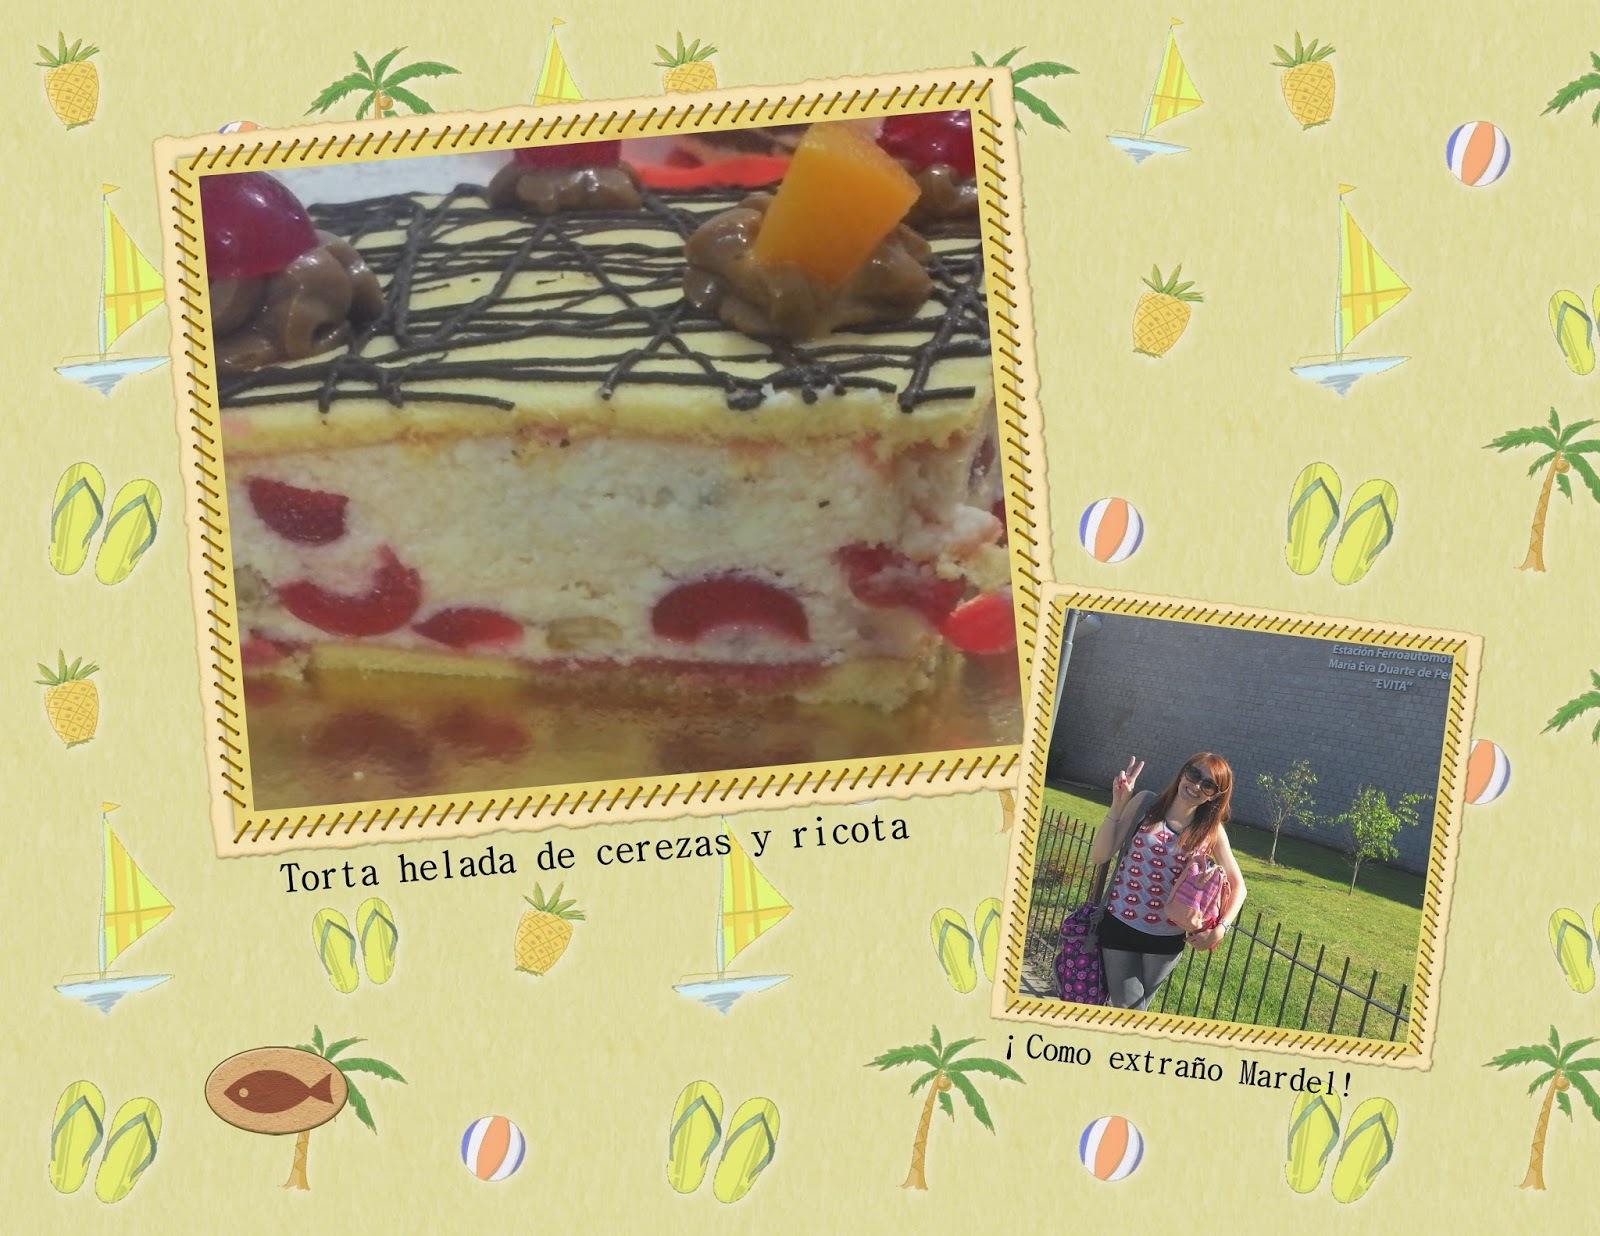 Torta helada de cerezas y ricota